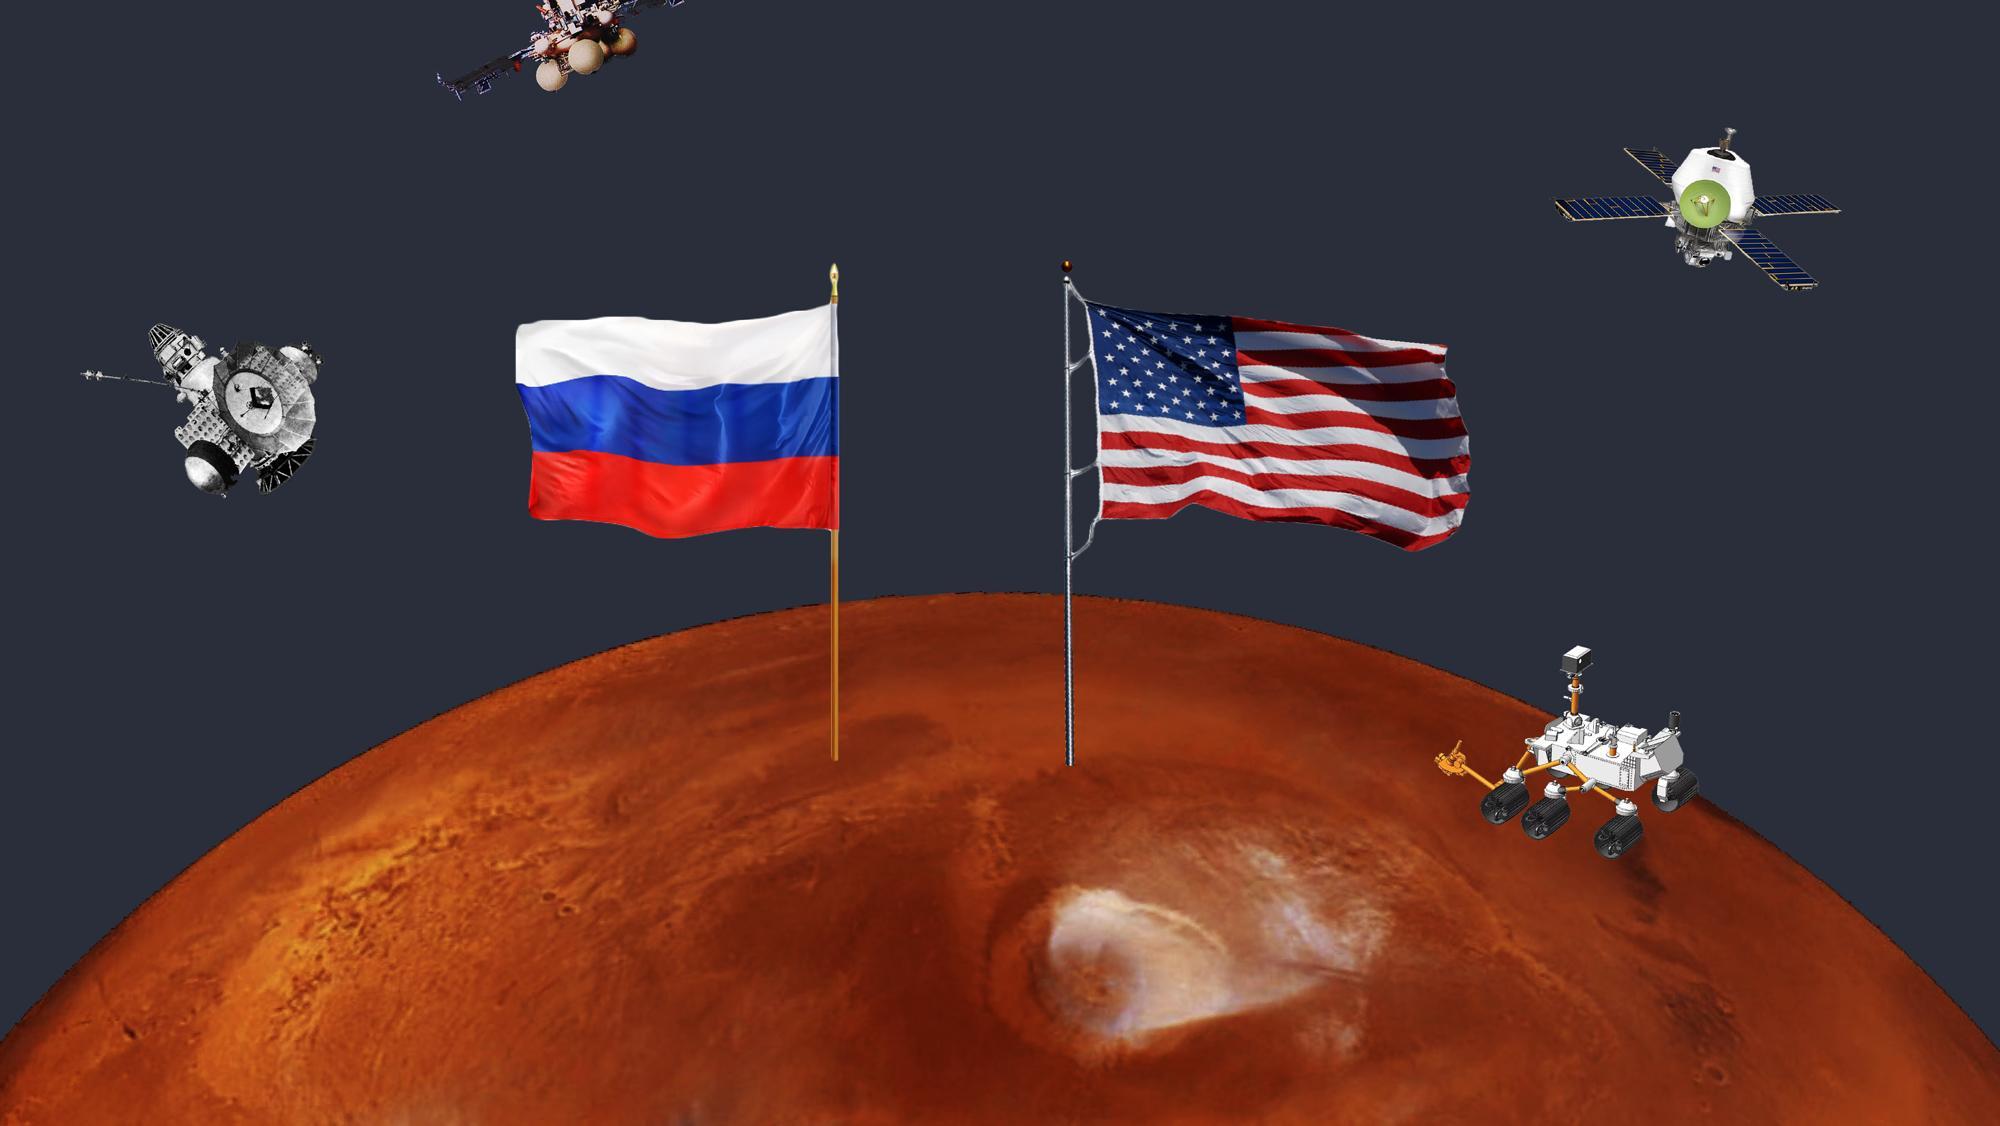 Марсианская гонка длиной в 60 лет. Как русские и американцы пытались покорить Красную планету